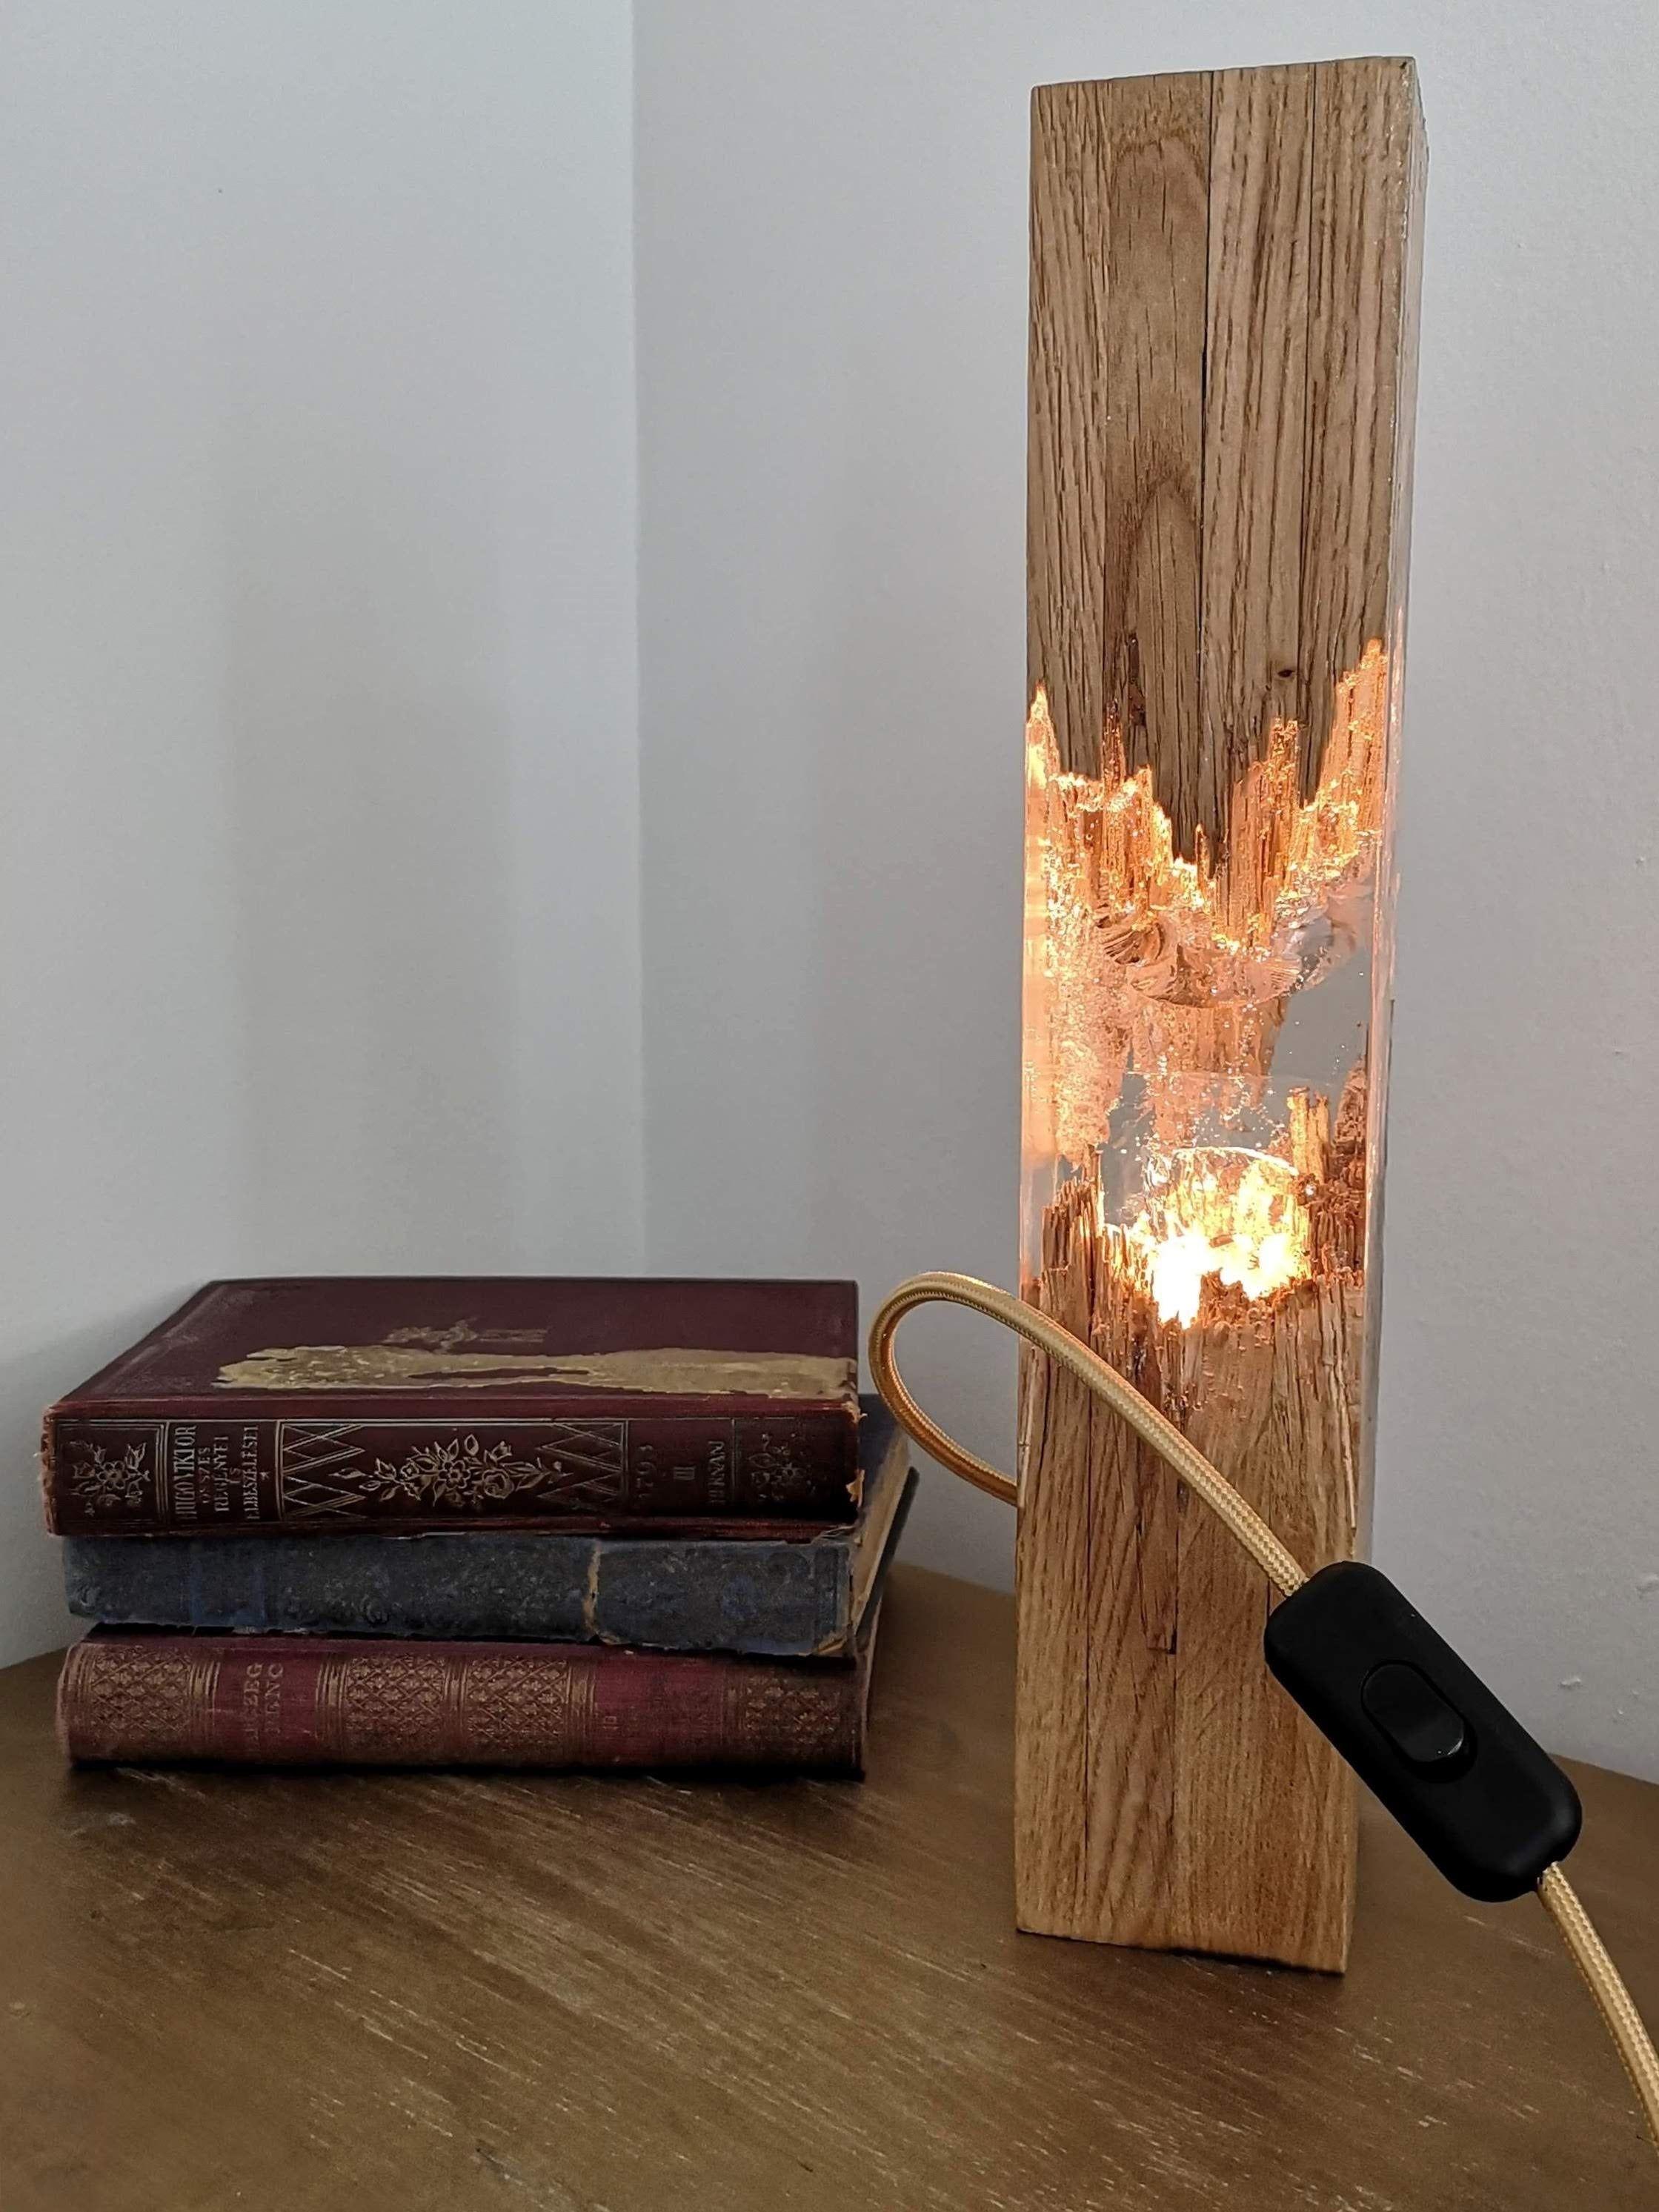 Epoxid Holz Lampe Lampe Nachtlampe Harz Tischdekor Dekor Licht